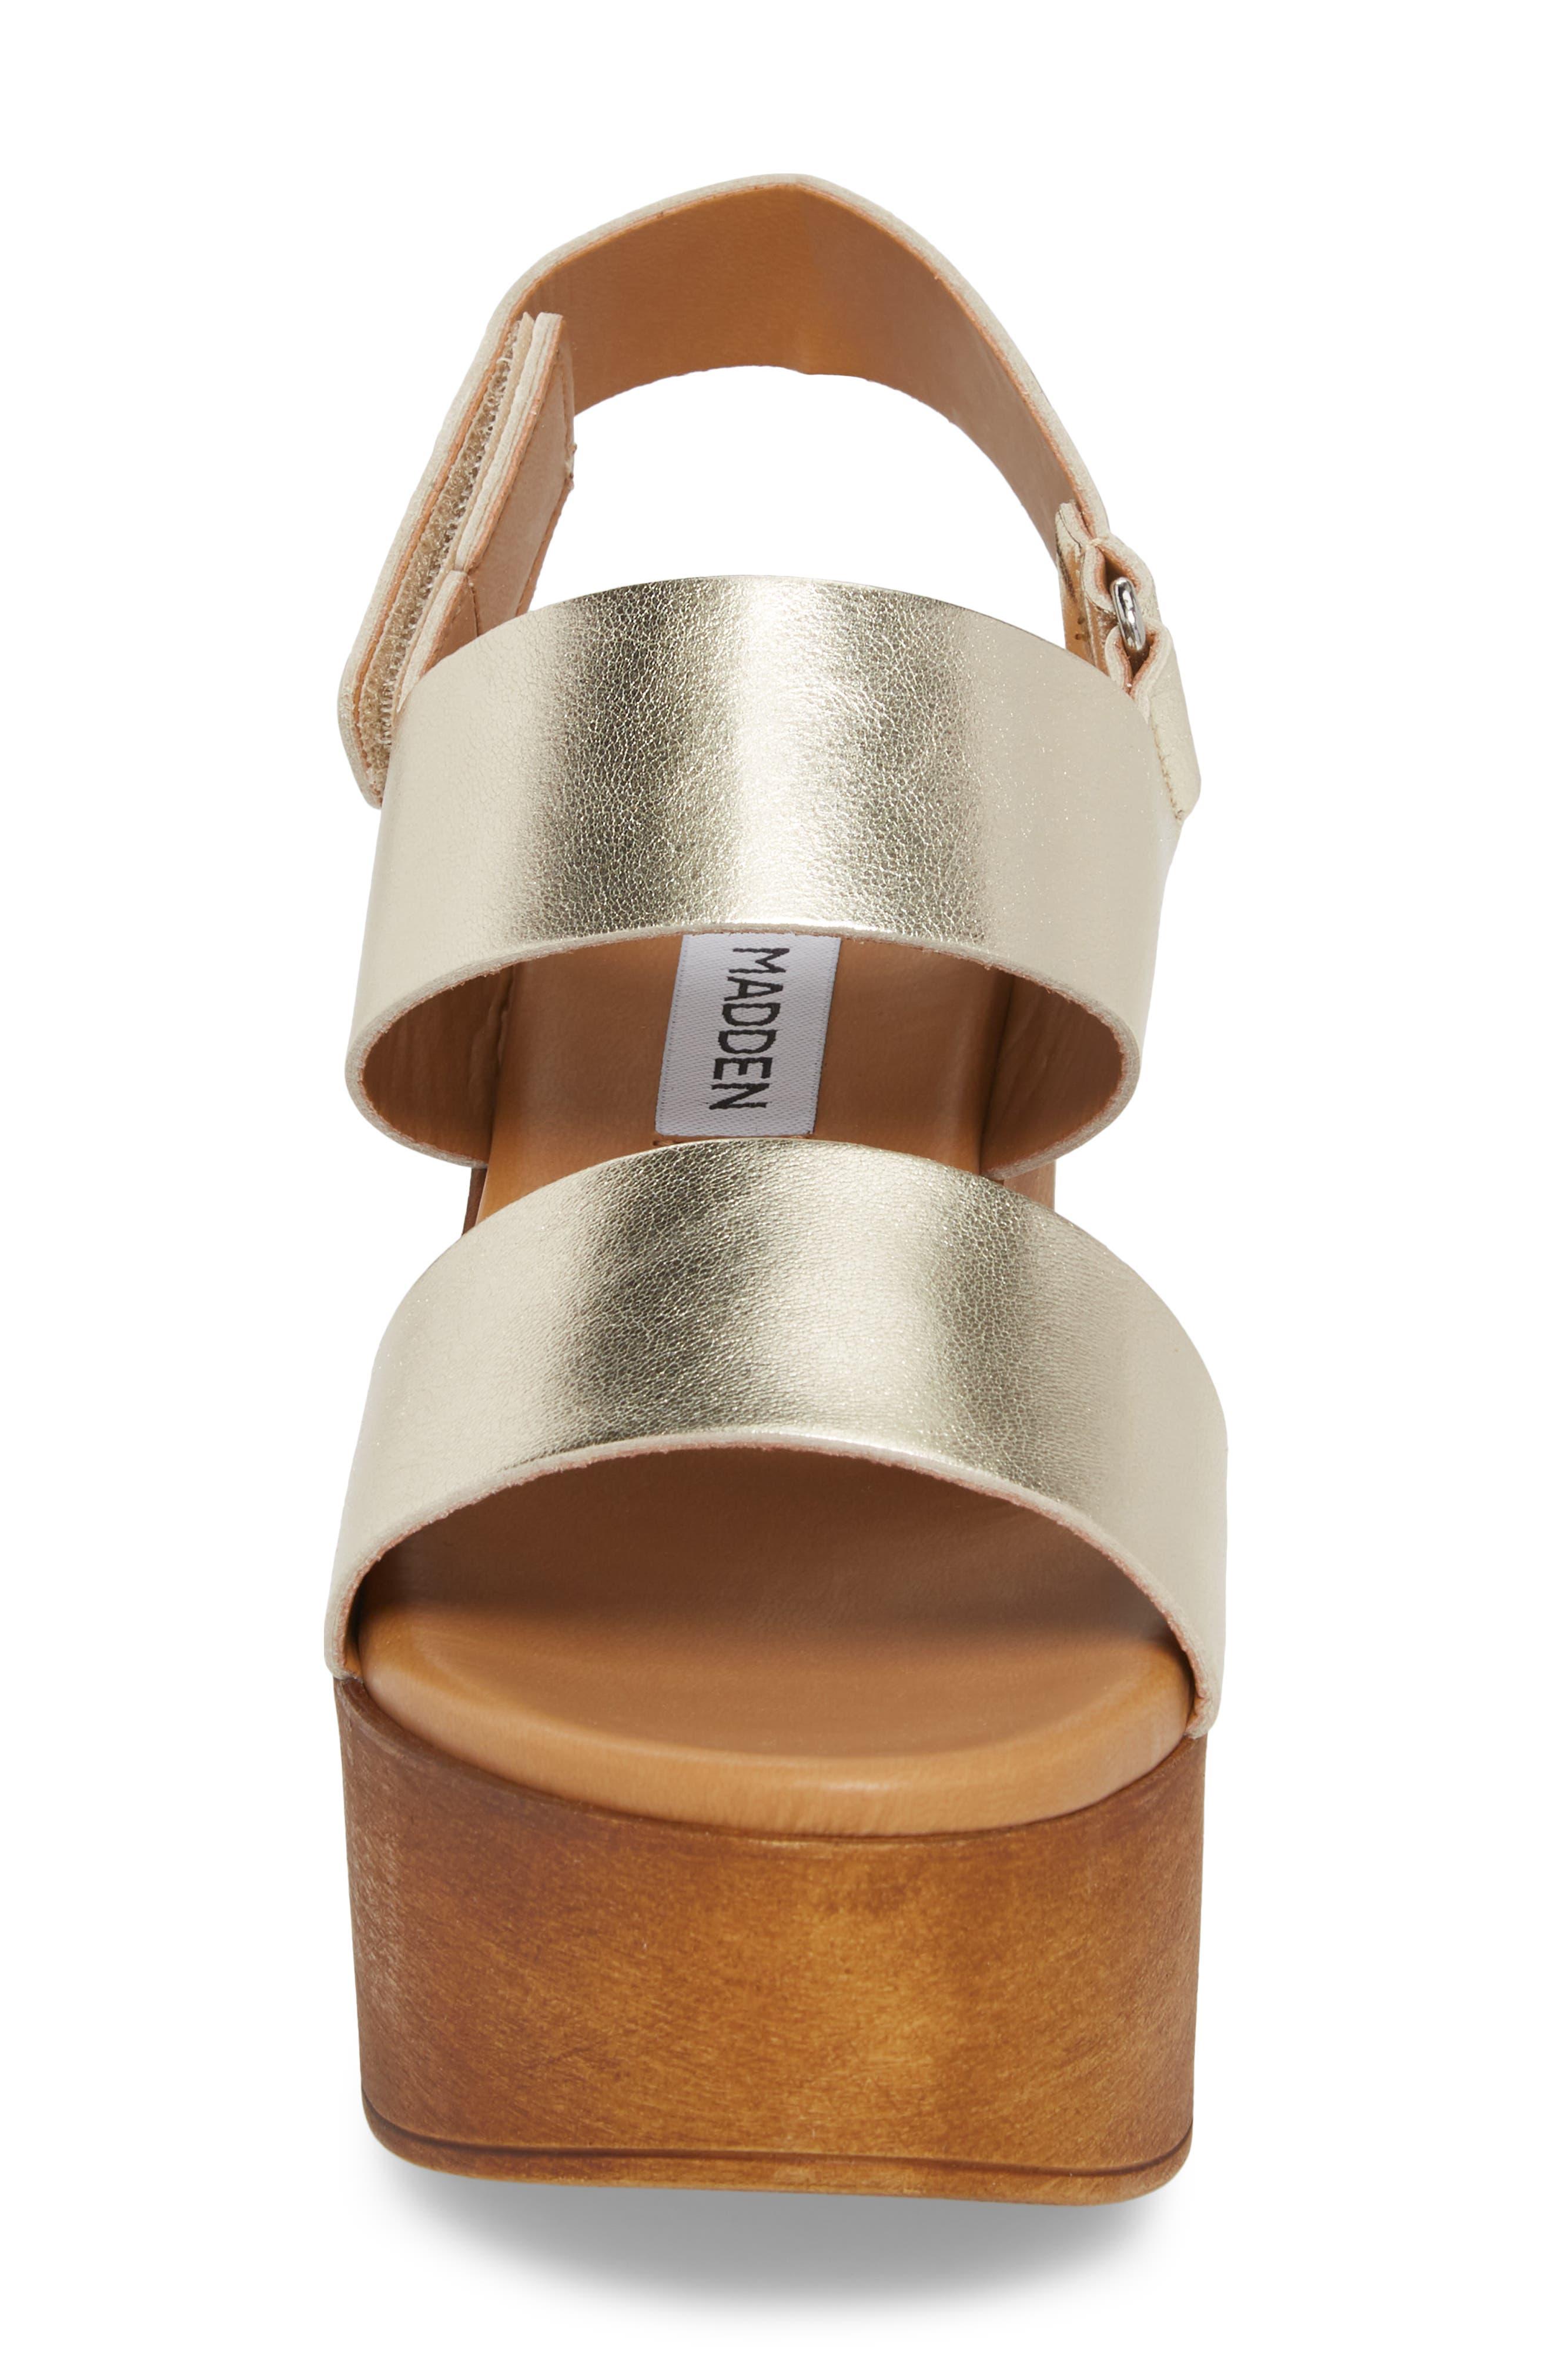 Marena Slingback Platform Sandal,                             Alternate thumbnail 4, color,                             Champagne